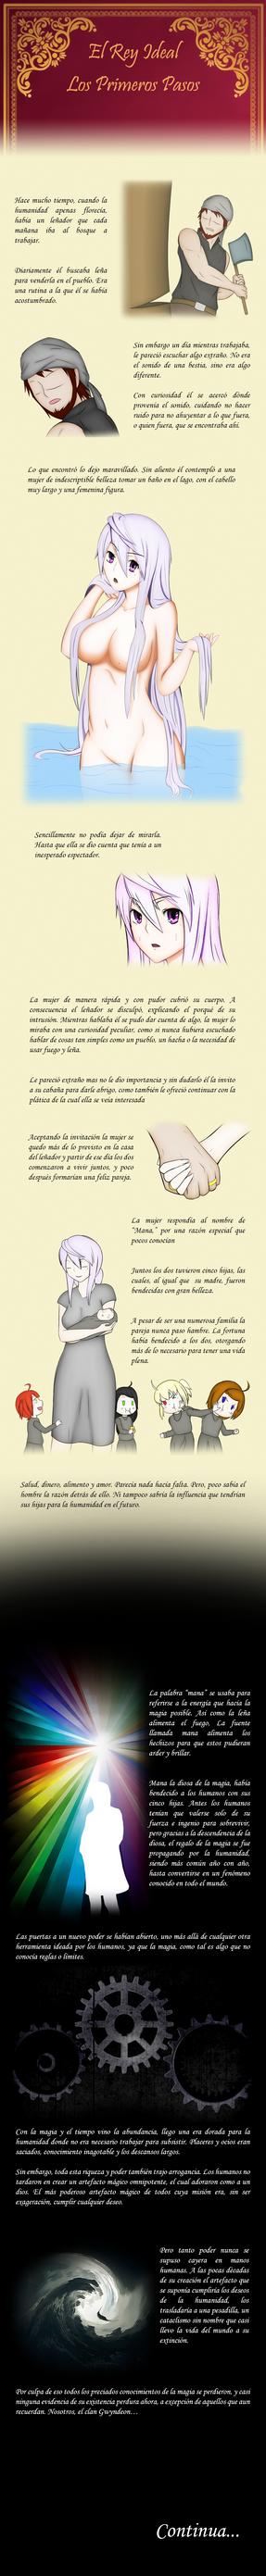 El Rey Ideal - by Eidolon-Stigma